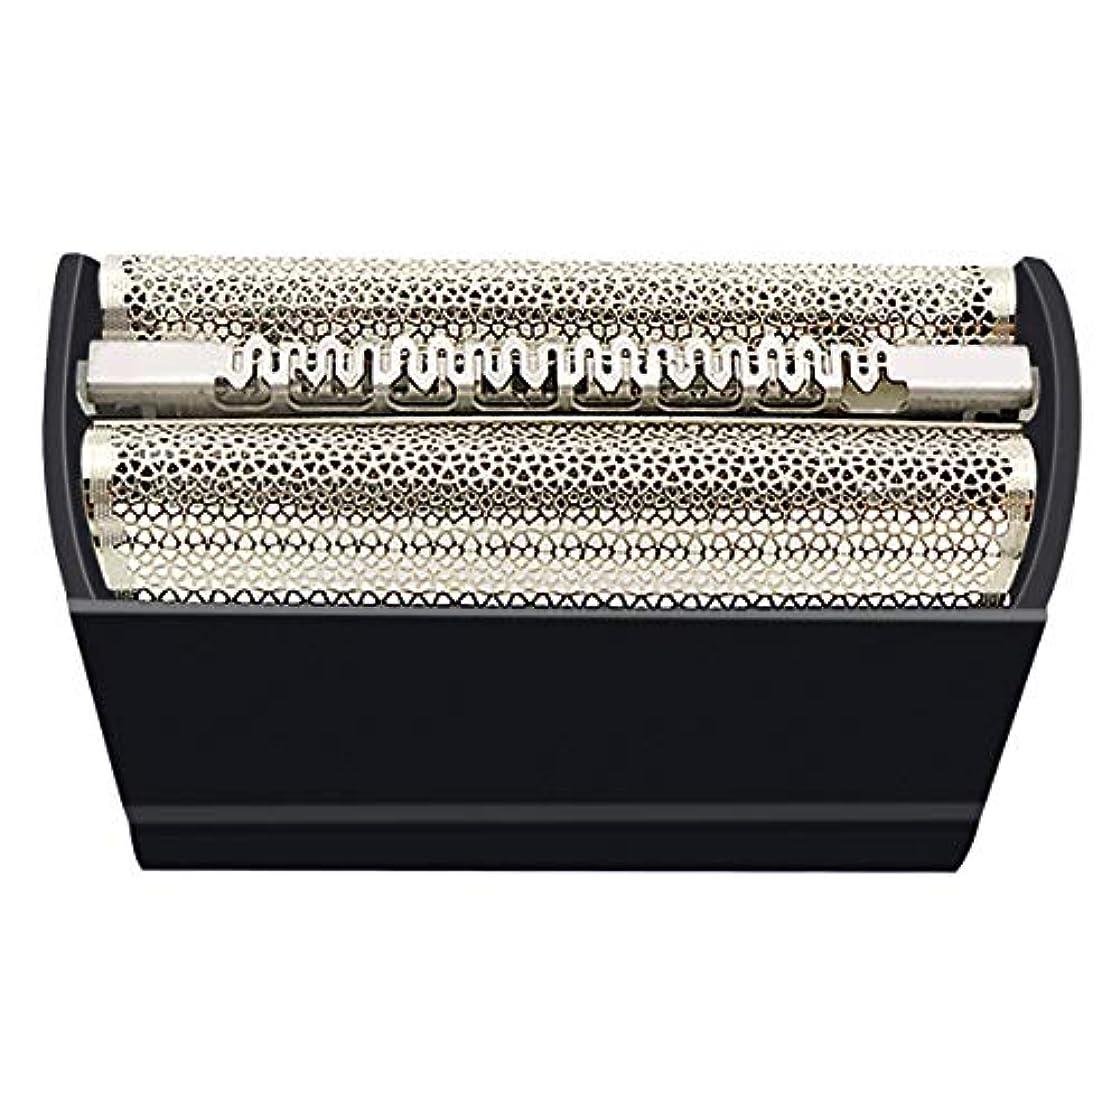 入学する傭兵一貫性のないVINFANYシェーバー替刃 シリーズ3 適用 Braun 31Bシリーズ3 Smart Syncro Proモデル電気シェーバー シリーズ3網刃?内刃一体型カセット 交換用ホイル (31B (Black))